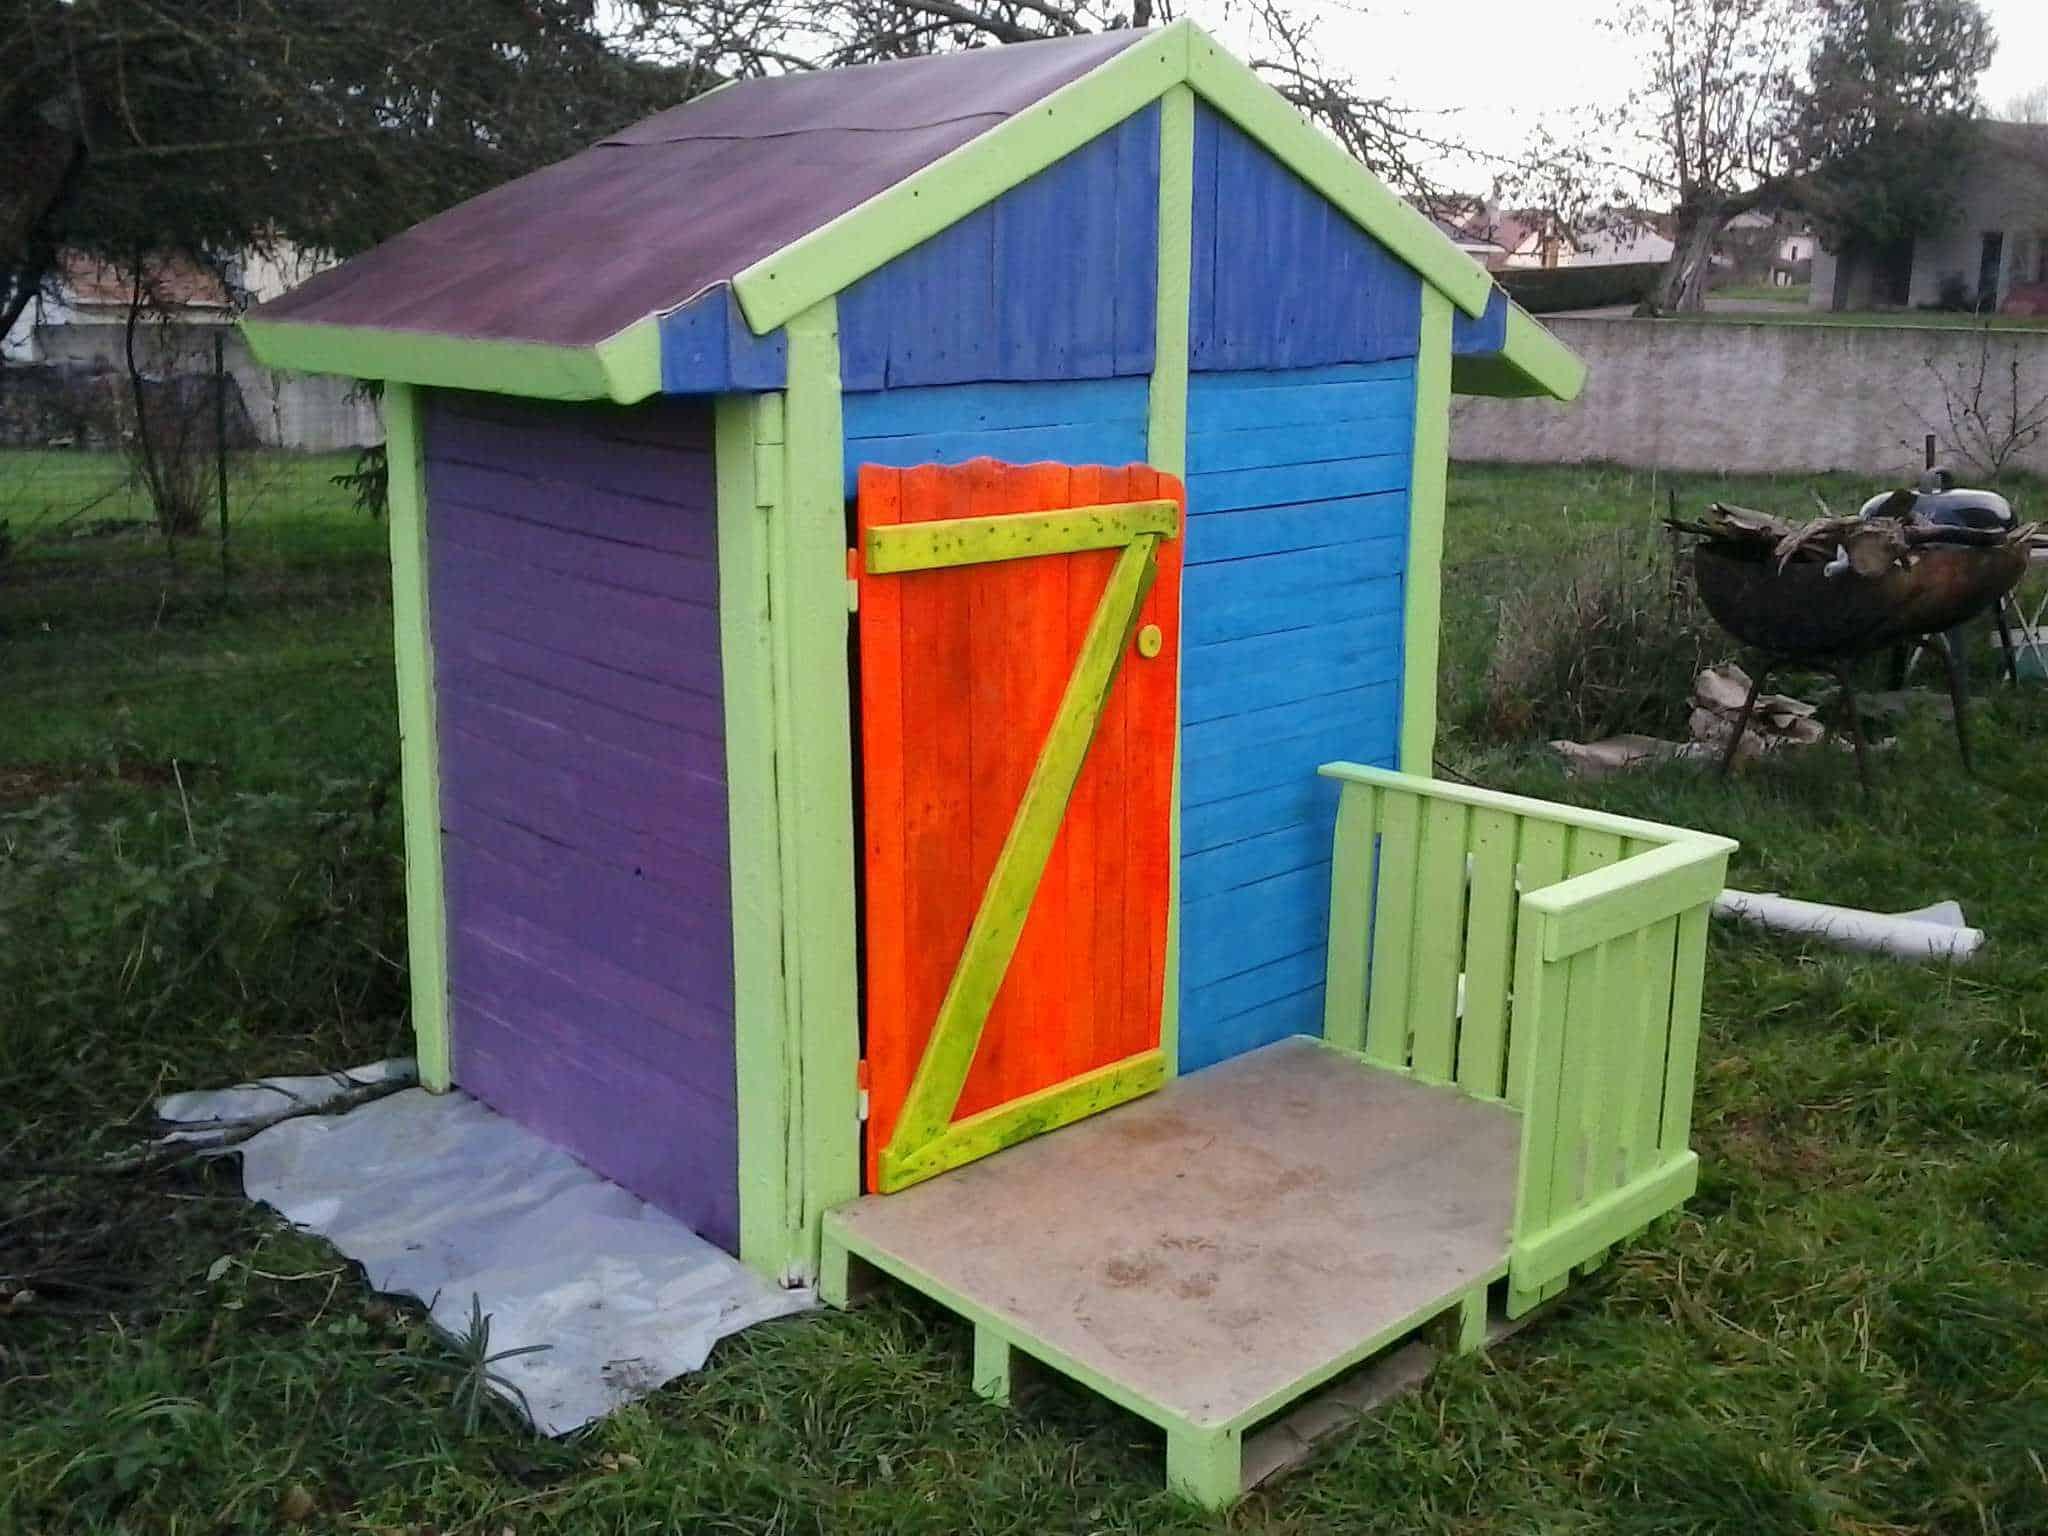 Cabane De Jardin Pour Enfants / Children Play House & Its ... intérieur Cabane De Jardin Pour Enfants